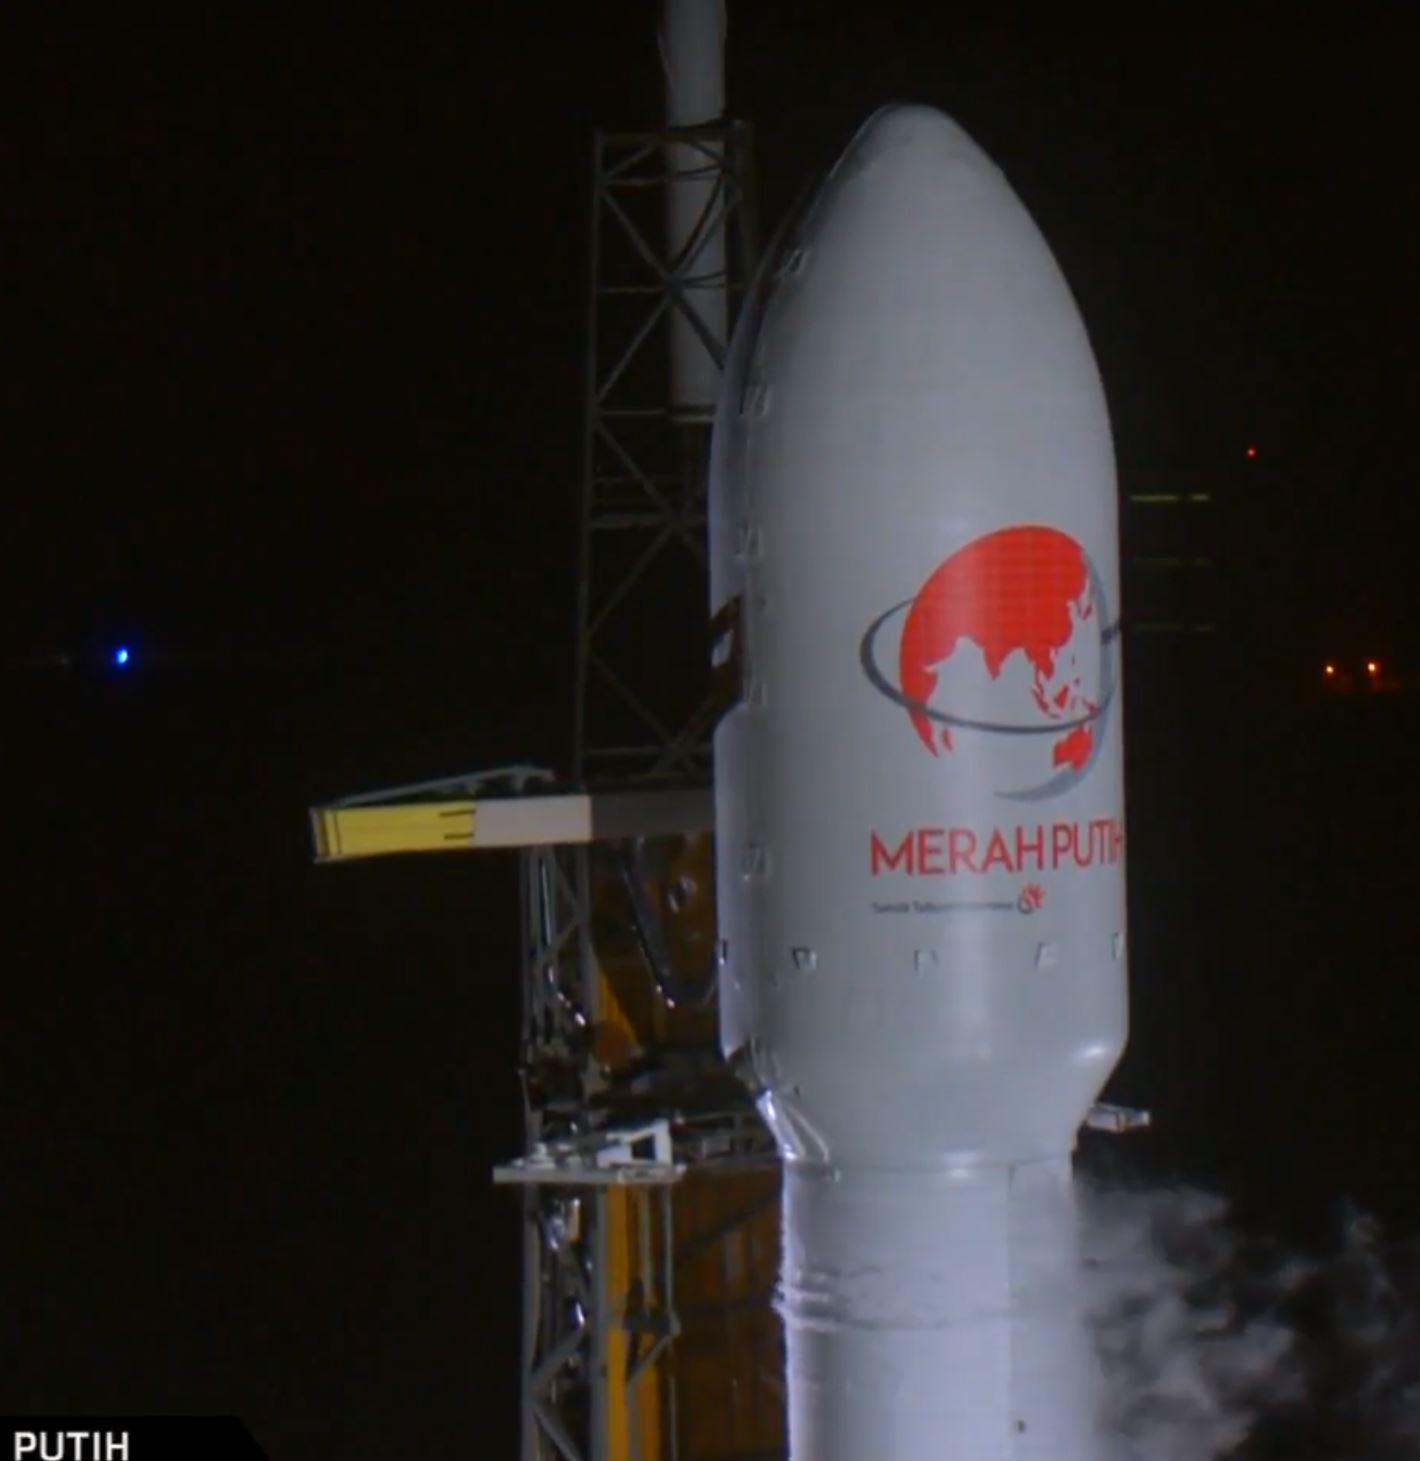 Telkom 4 B1046 webcast (SpaceX) 1